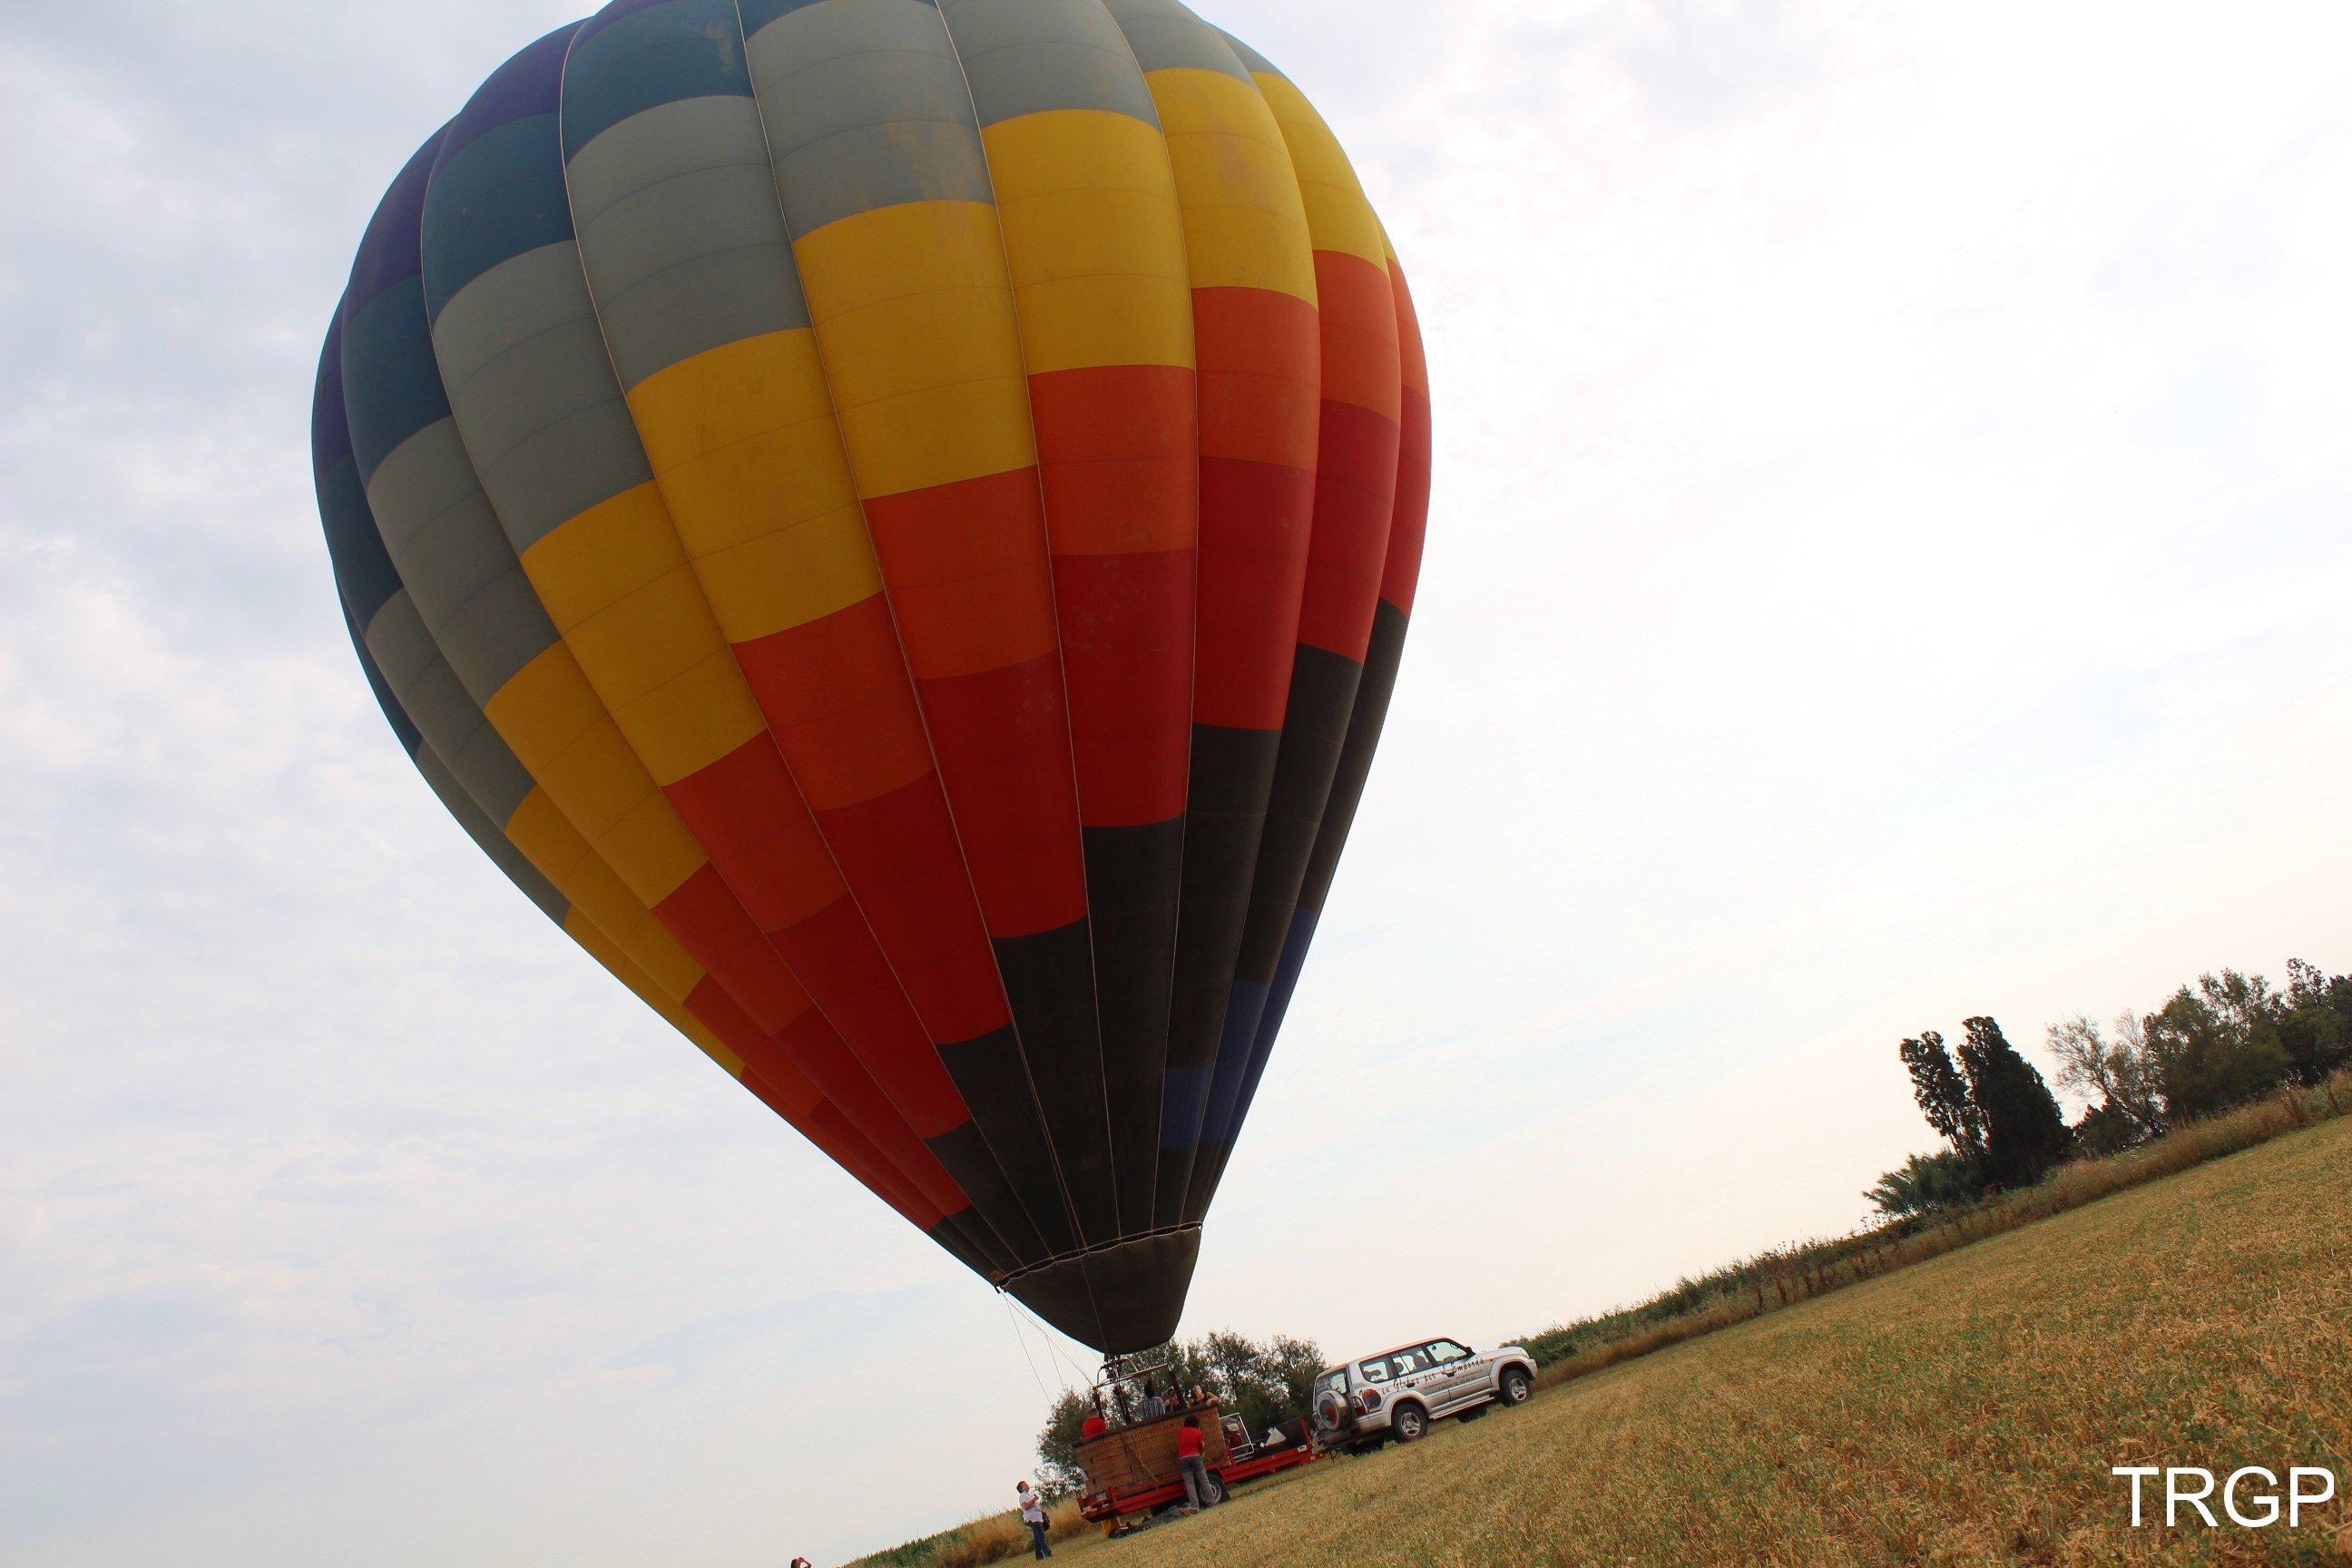 Vol amb Globus Emporda